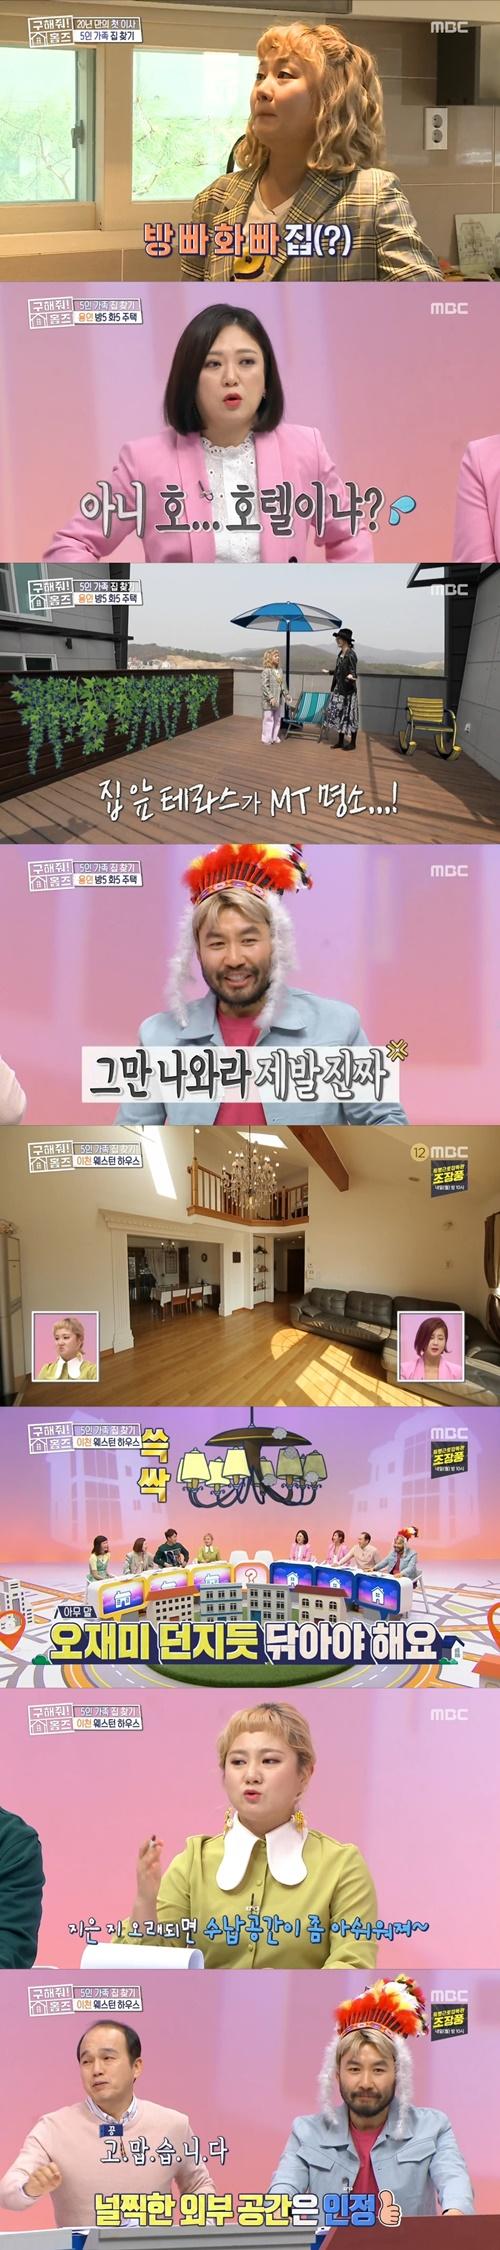 '구해줘 홈즈' 박나래, 5인 가족 집구하기 대장정…최고 7.8% [M+TV시청률]